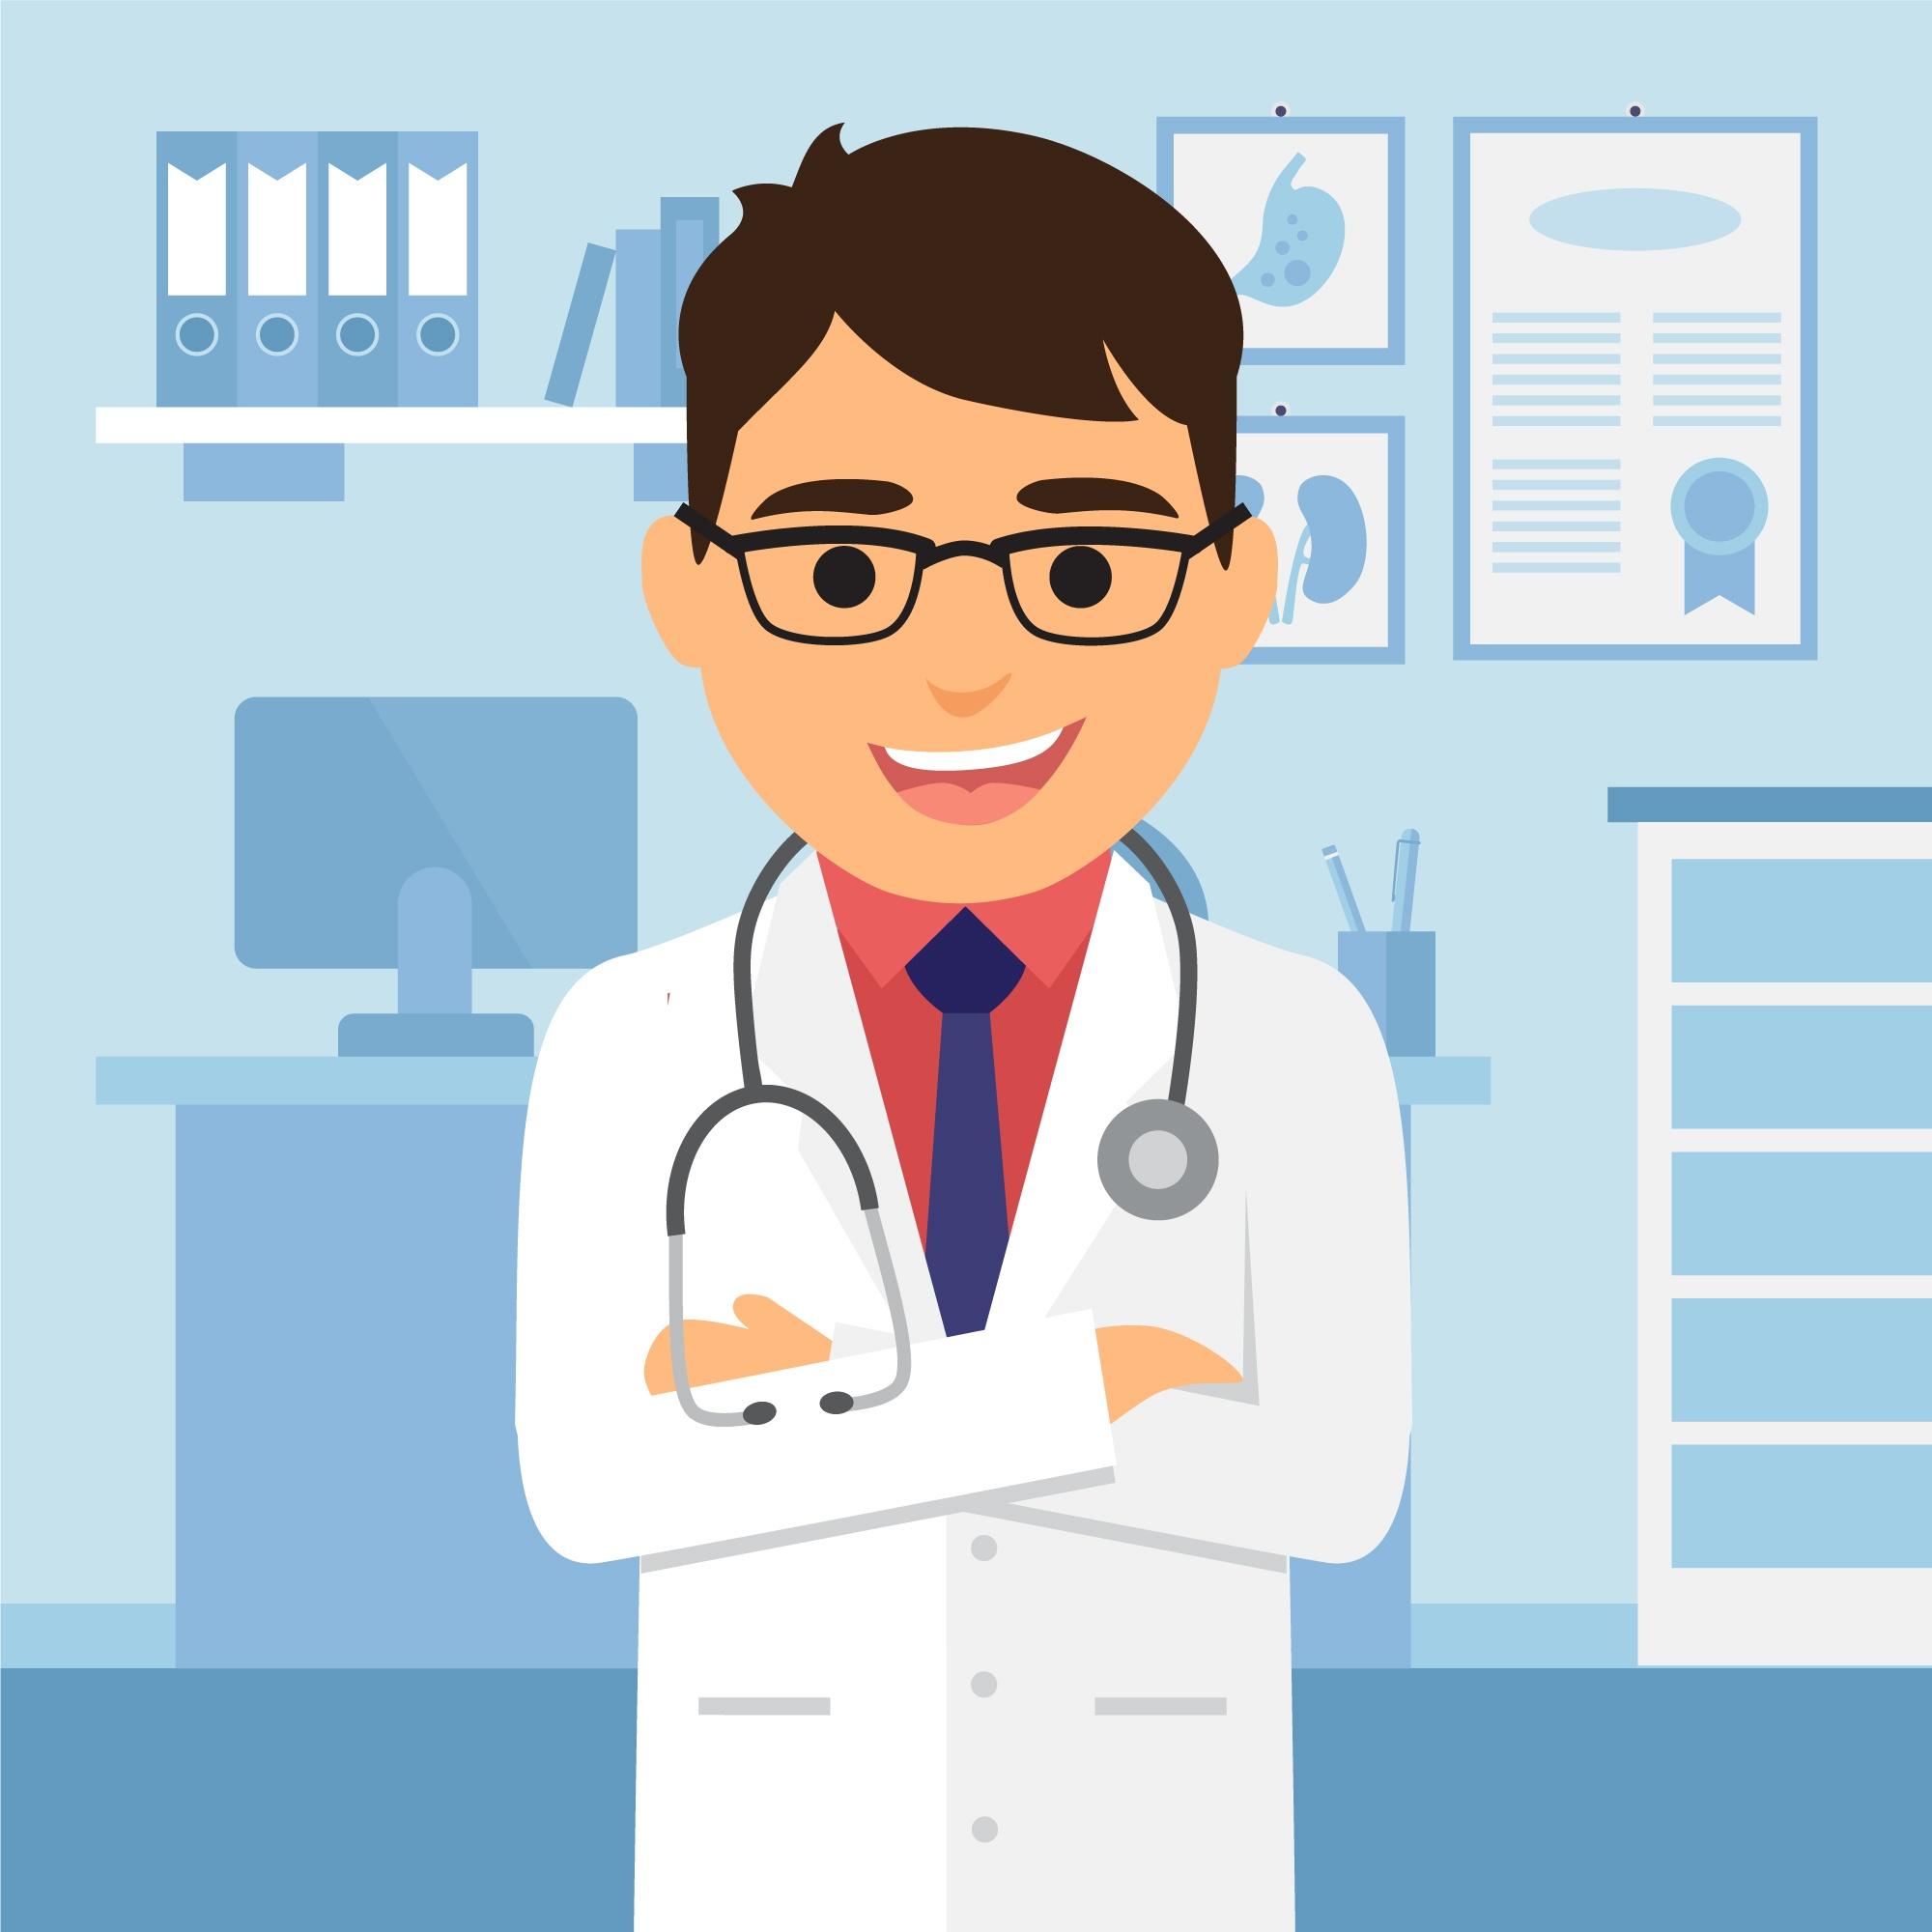 Dr. Chatbot